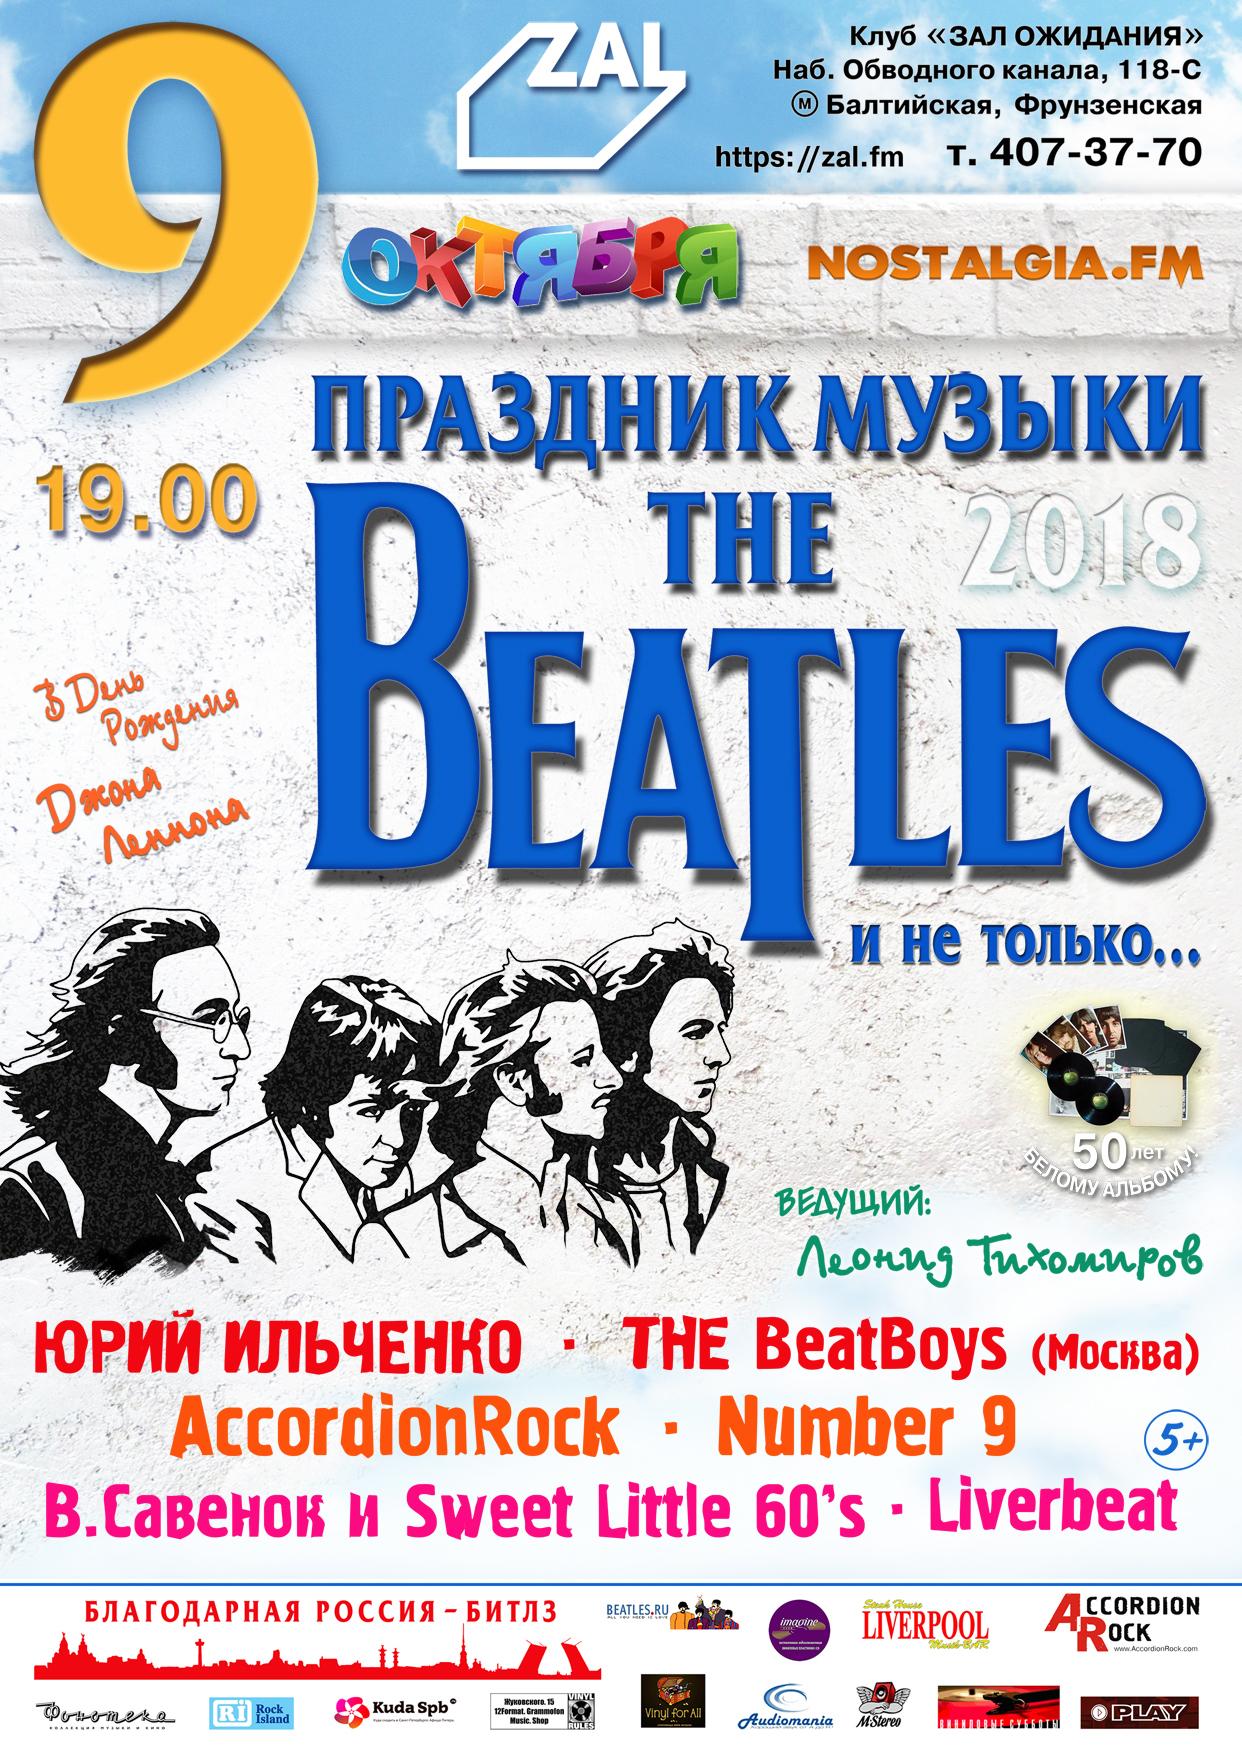 October 9 B-day of John Lennon